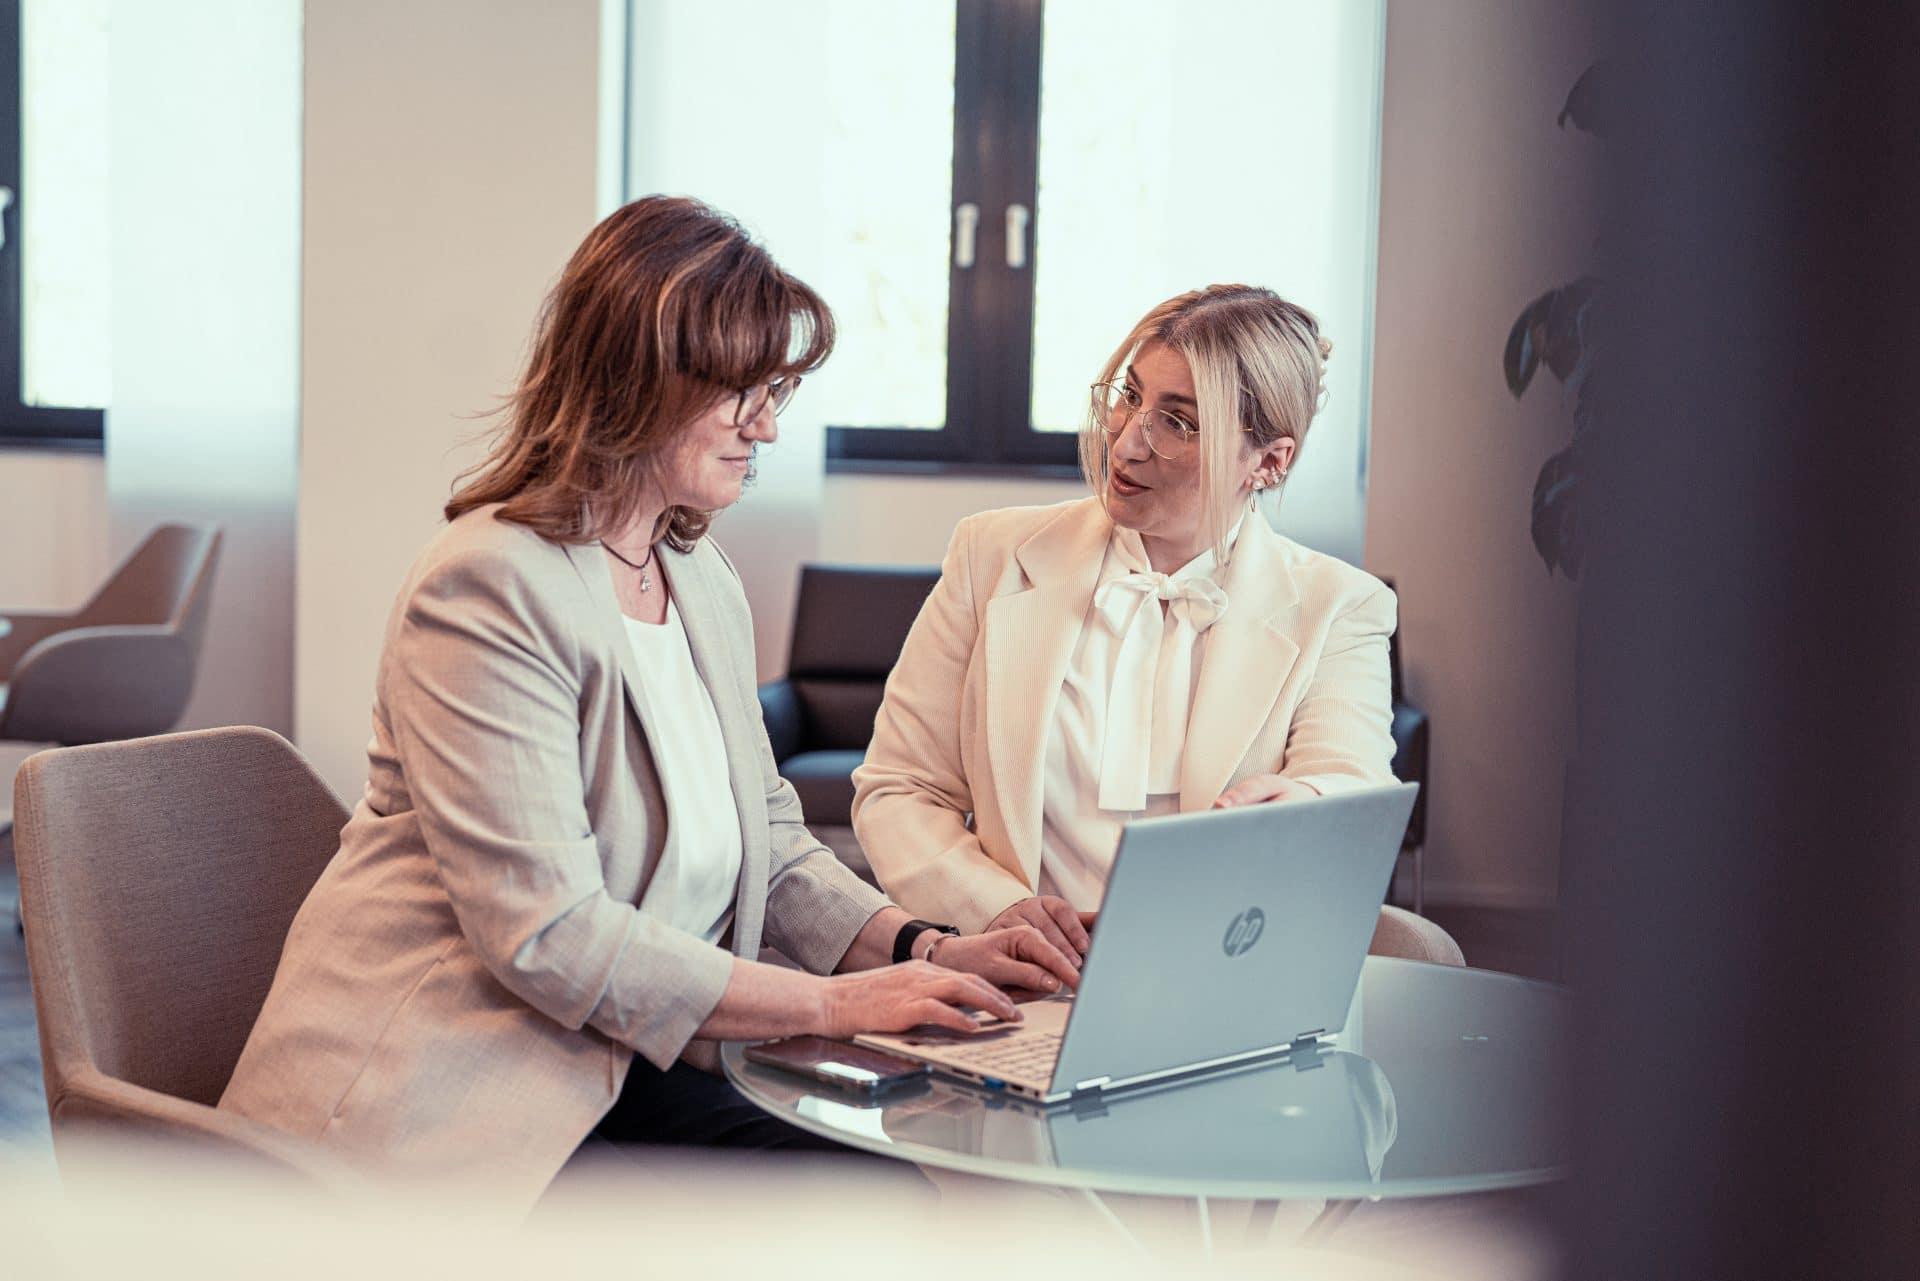 Mitarbeiterinnen besprechen sich gemeinsam am Laptop